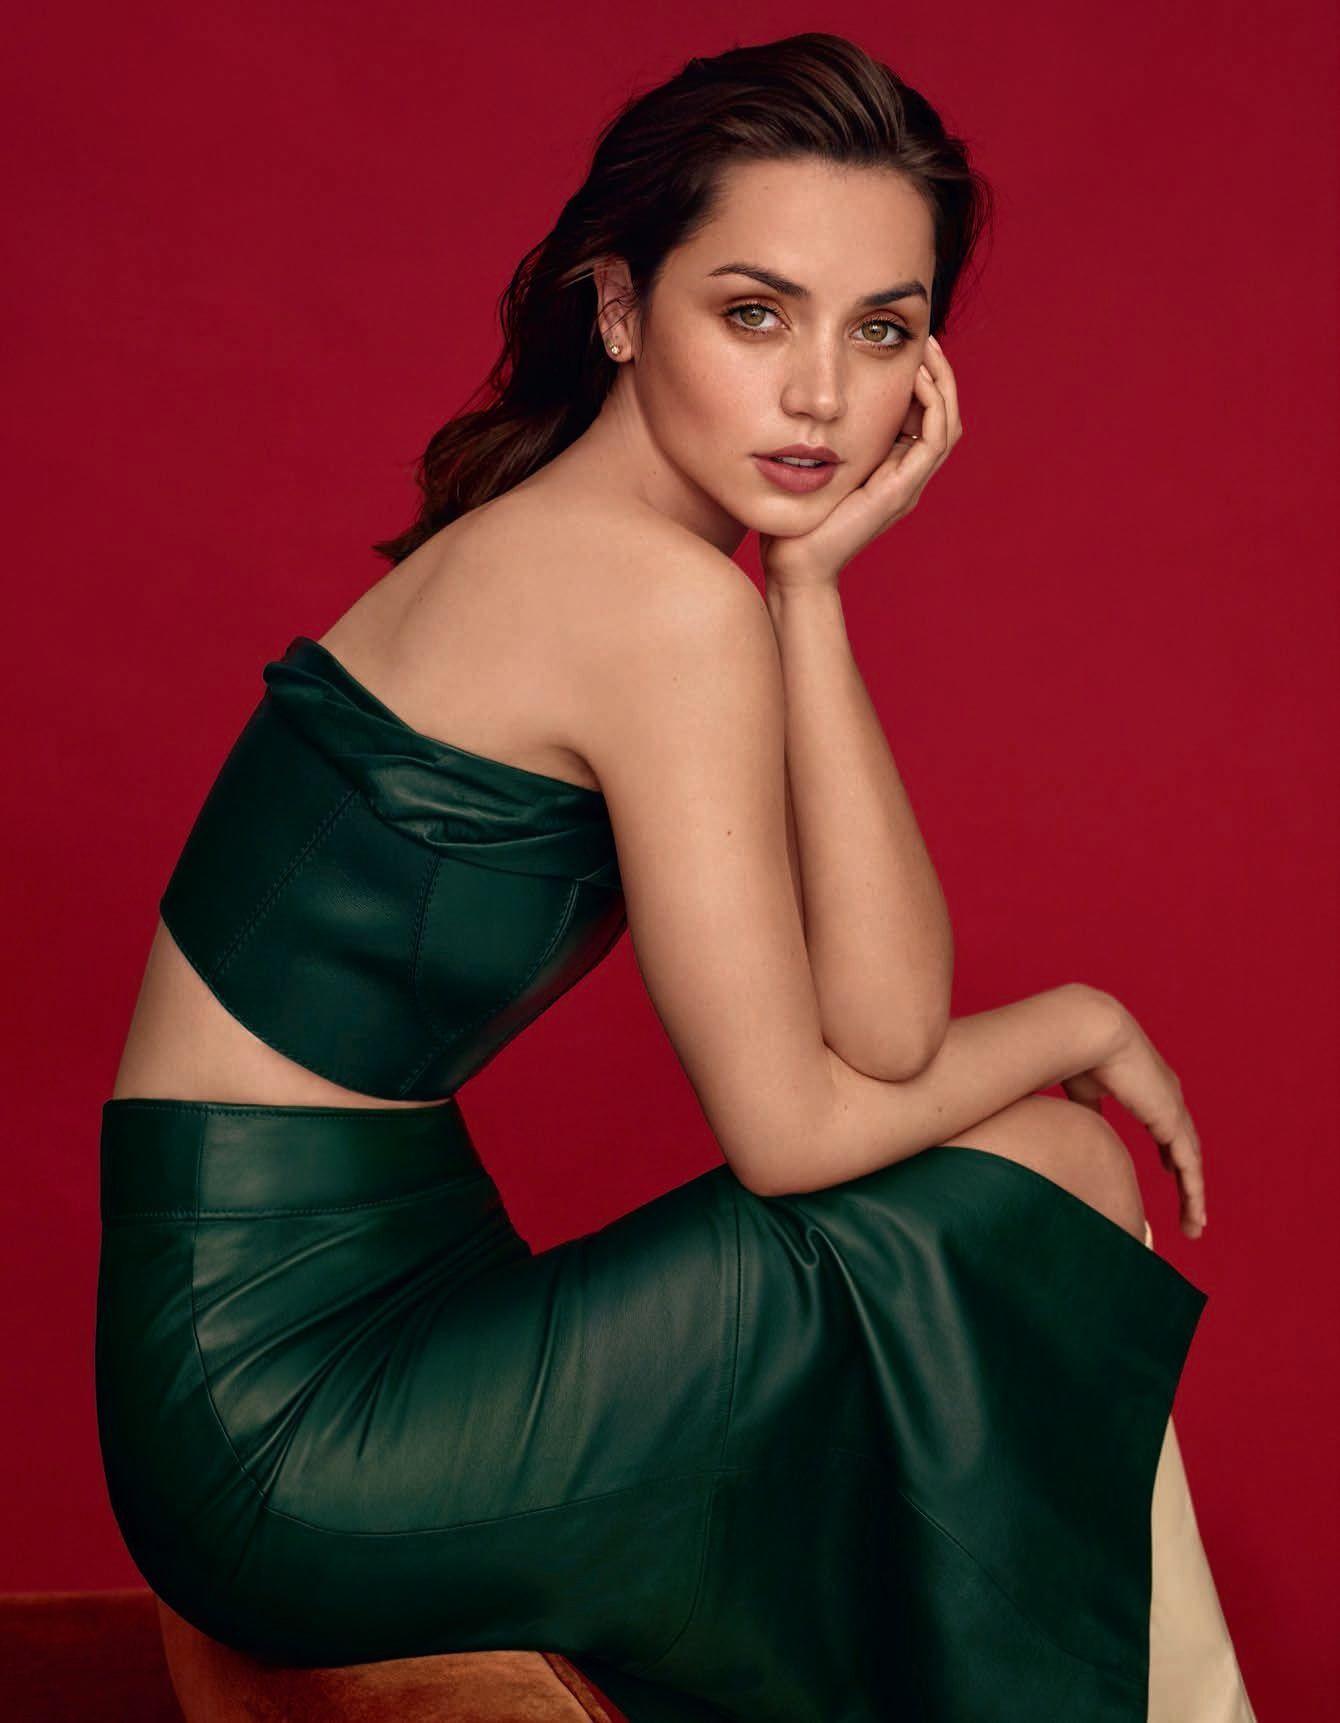 Ana De Armas Sexy – Vogue Spain April 2020 Issue 0001